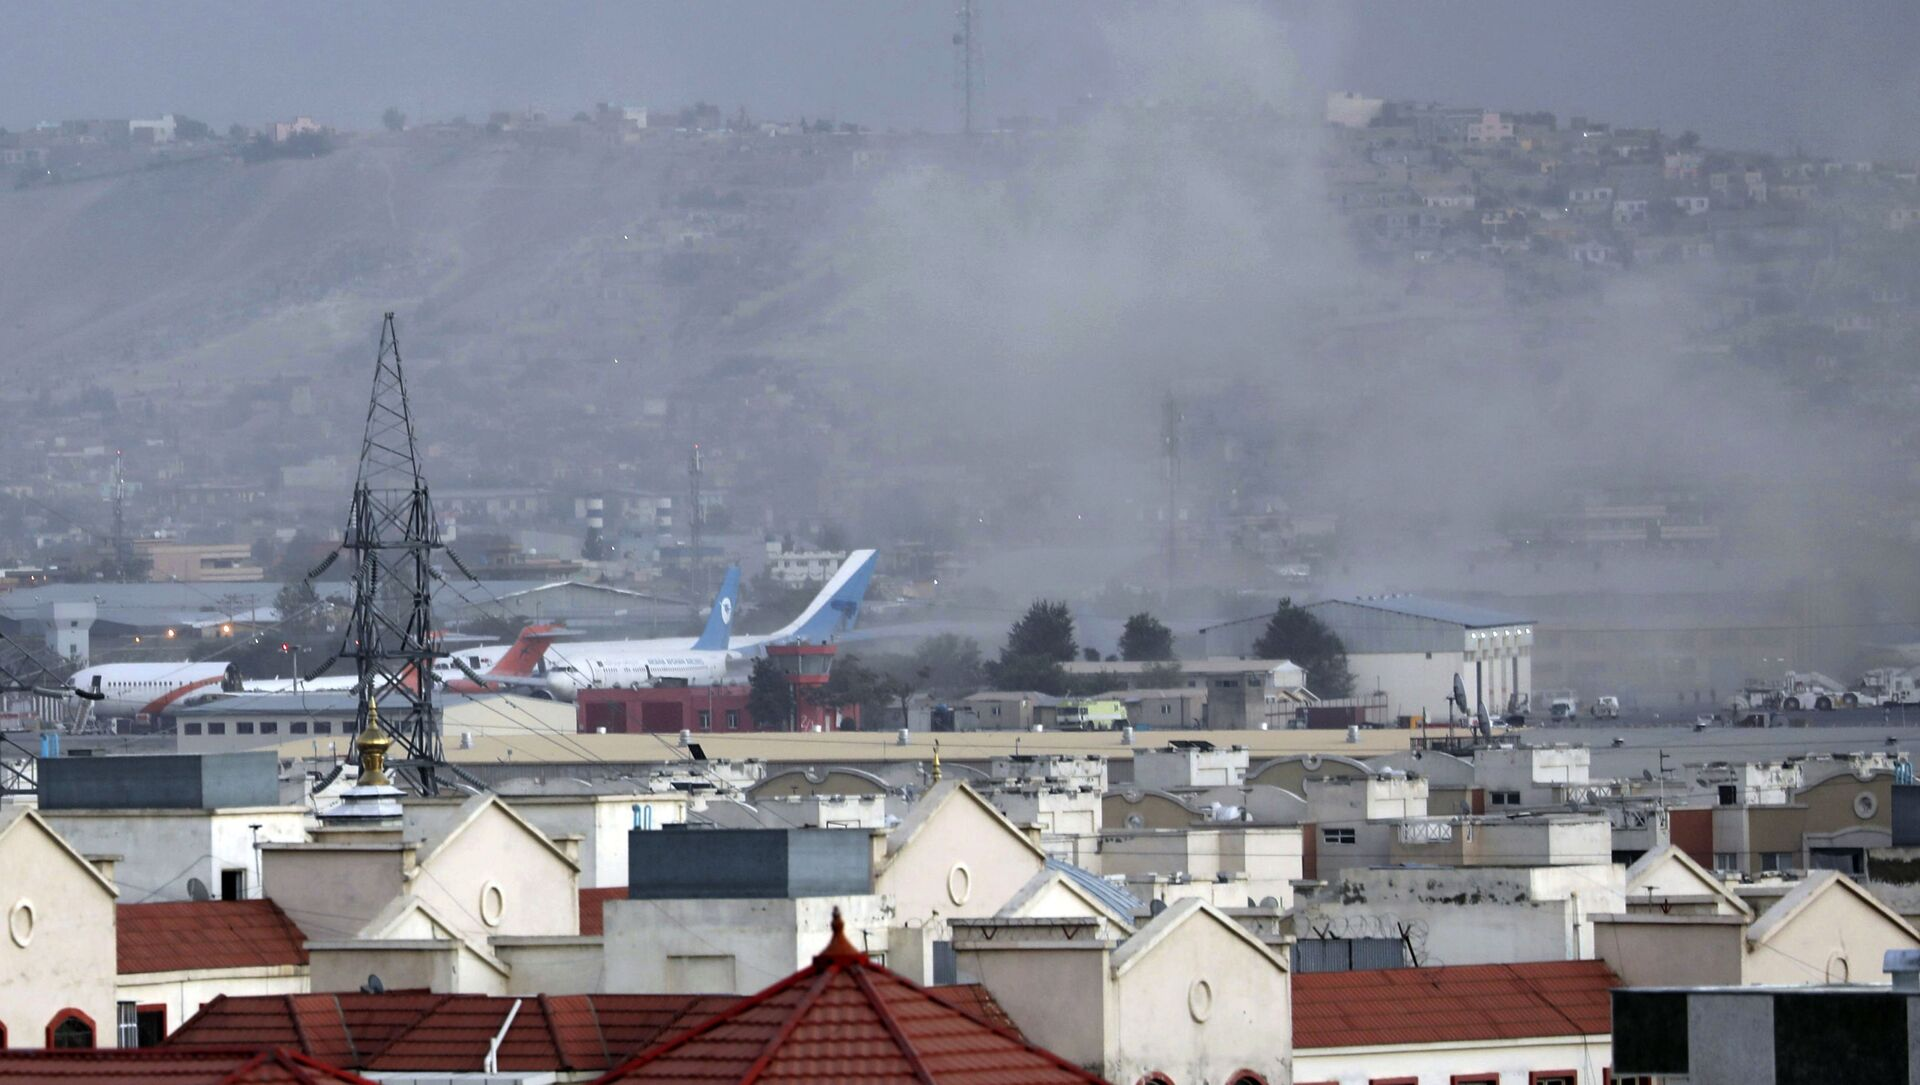 Дым от взрыва возле аэропорта в Кабуле, Афганистан - Sputnik Азербайджан, 1920, 31.08.2021